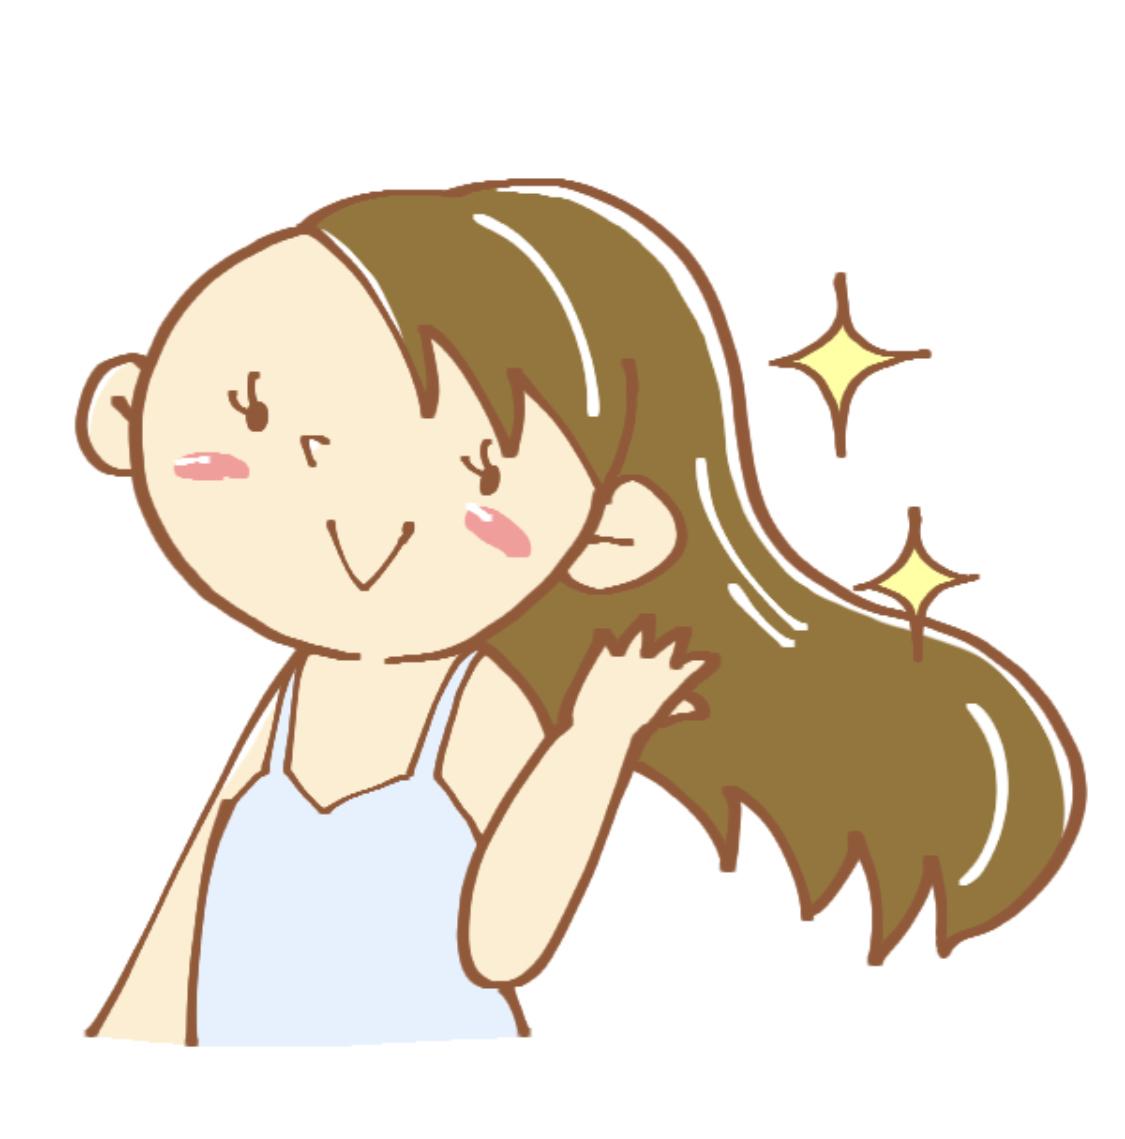 /岩手県で医療用ウィッグ購入支援が始まります/_b0199244_12365752.jpg